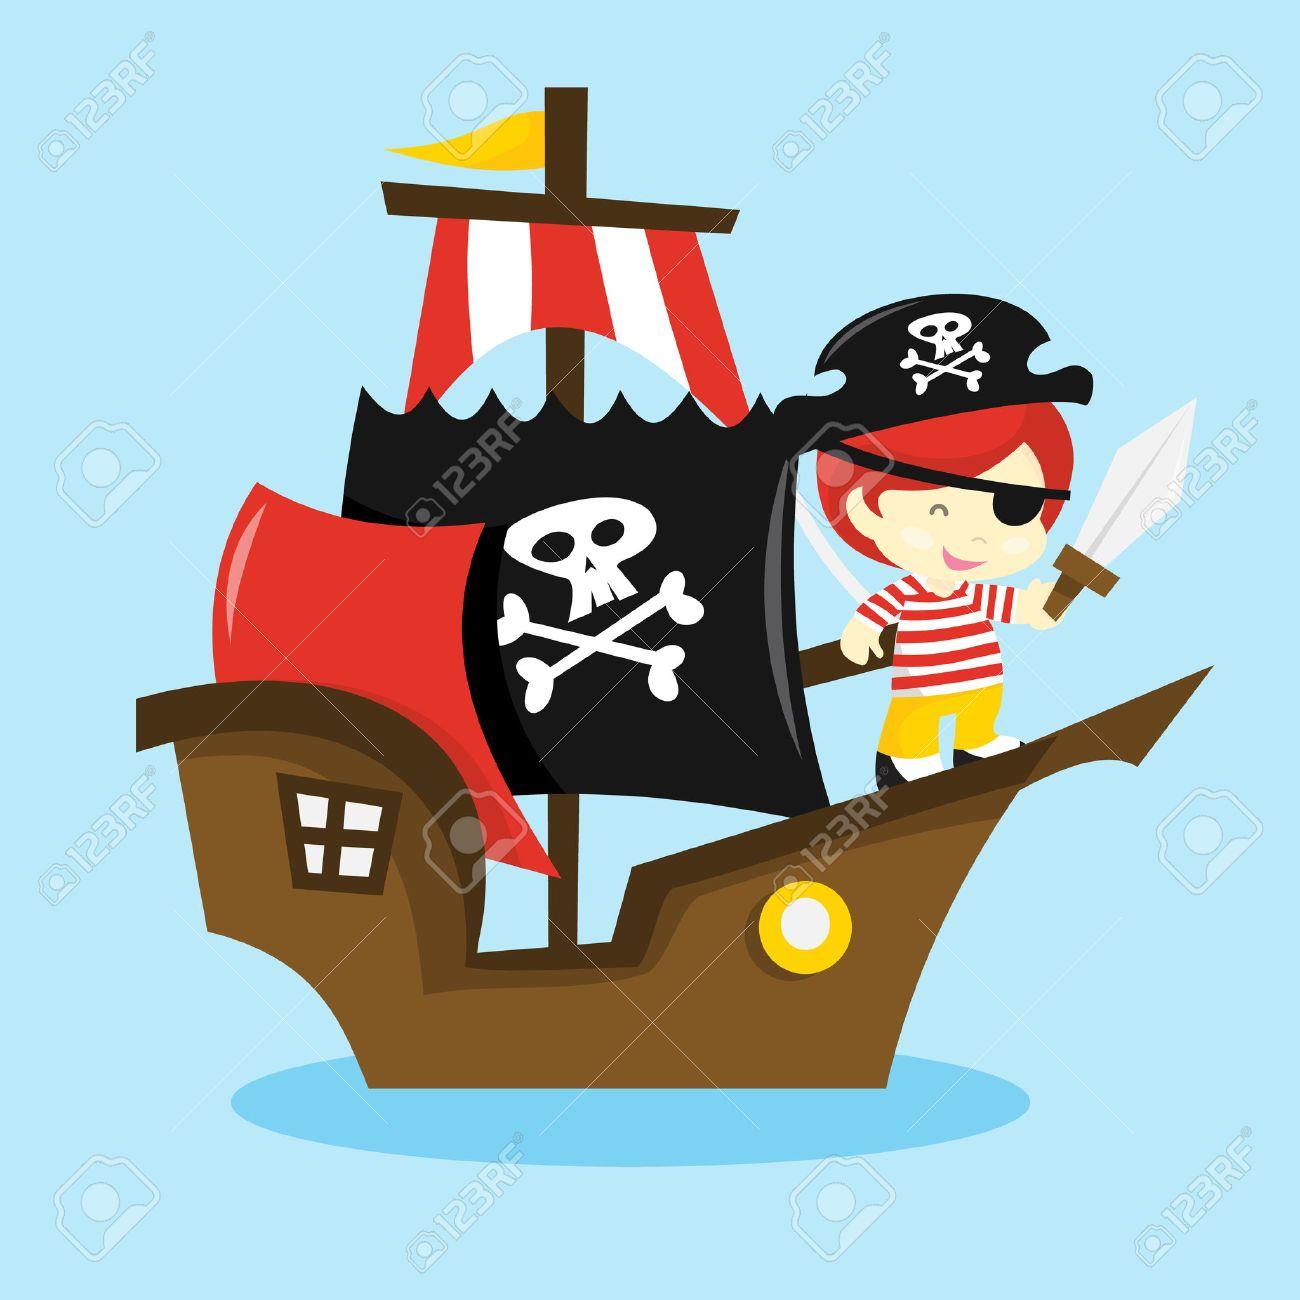 Foto de archivo - Una ilustración vectorial de dibujos animados de un niño  pirata en un barco pirata. 106e024587c